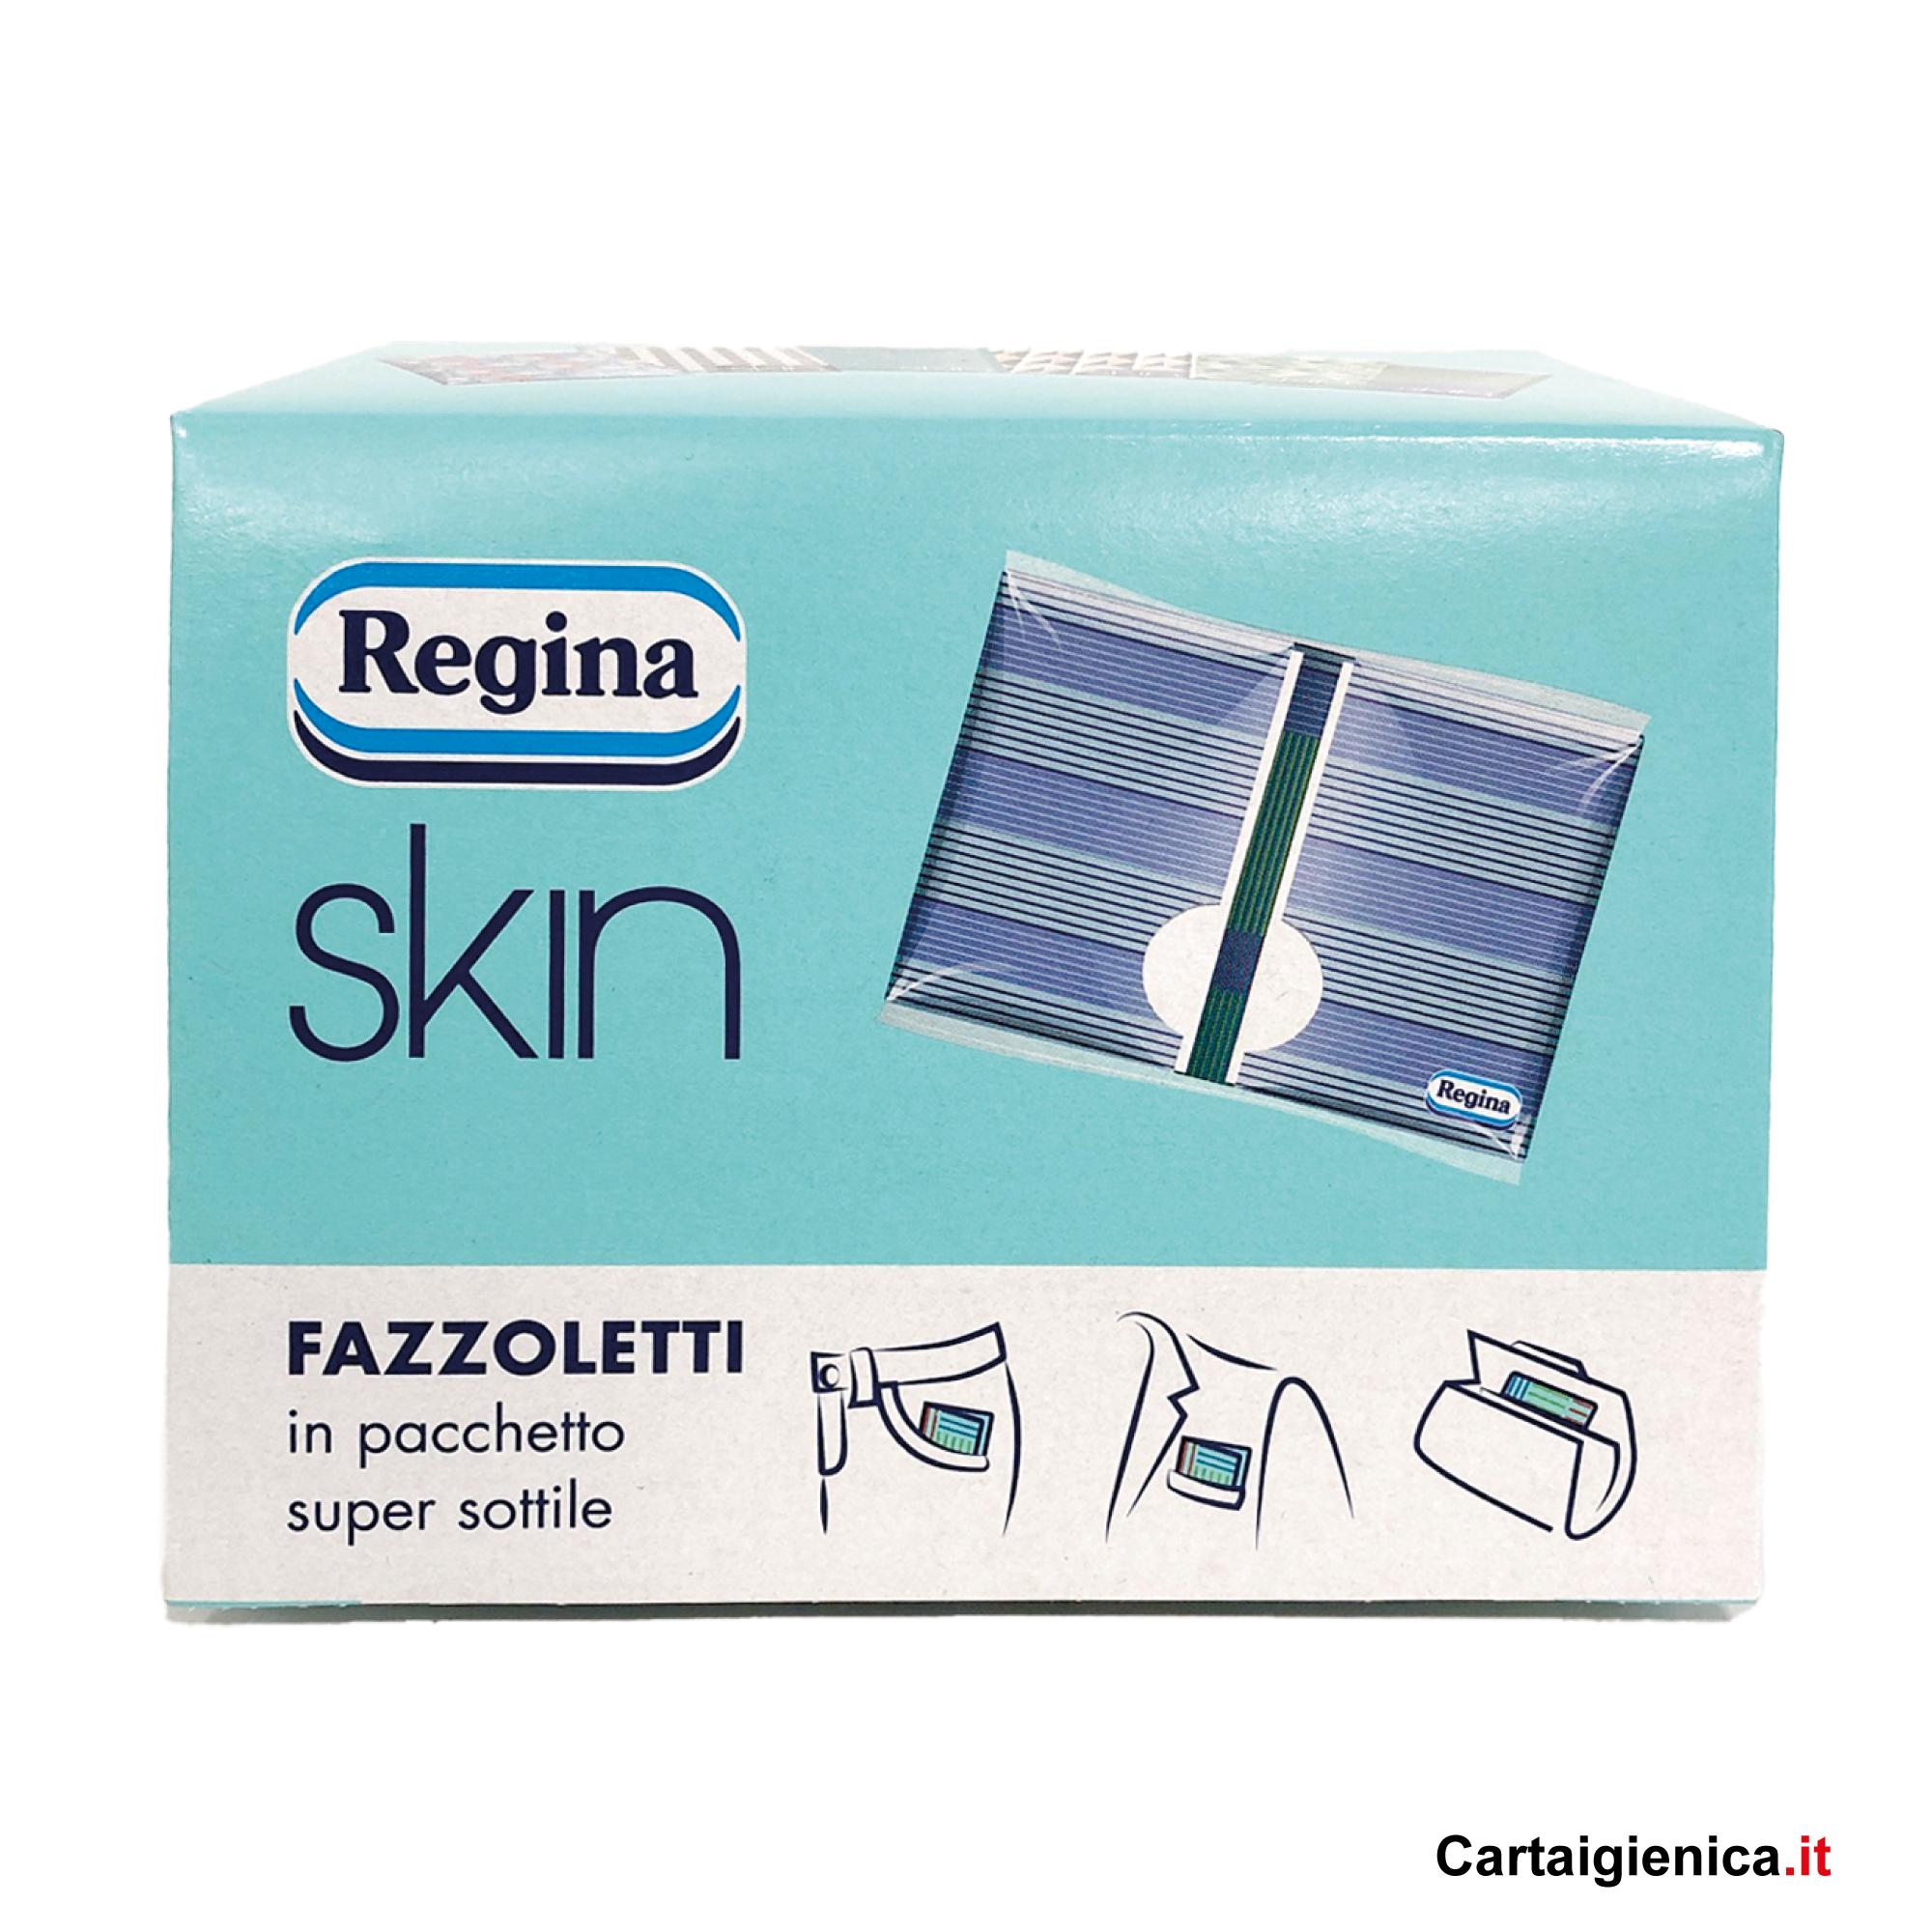 Regina Skin - 1 scatola - 6 pacchetti - 10 fazzoletti a pacchetto - 4 veli